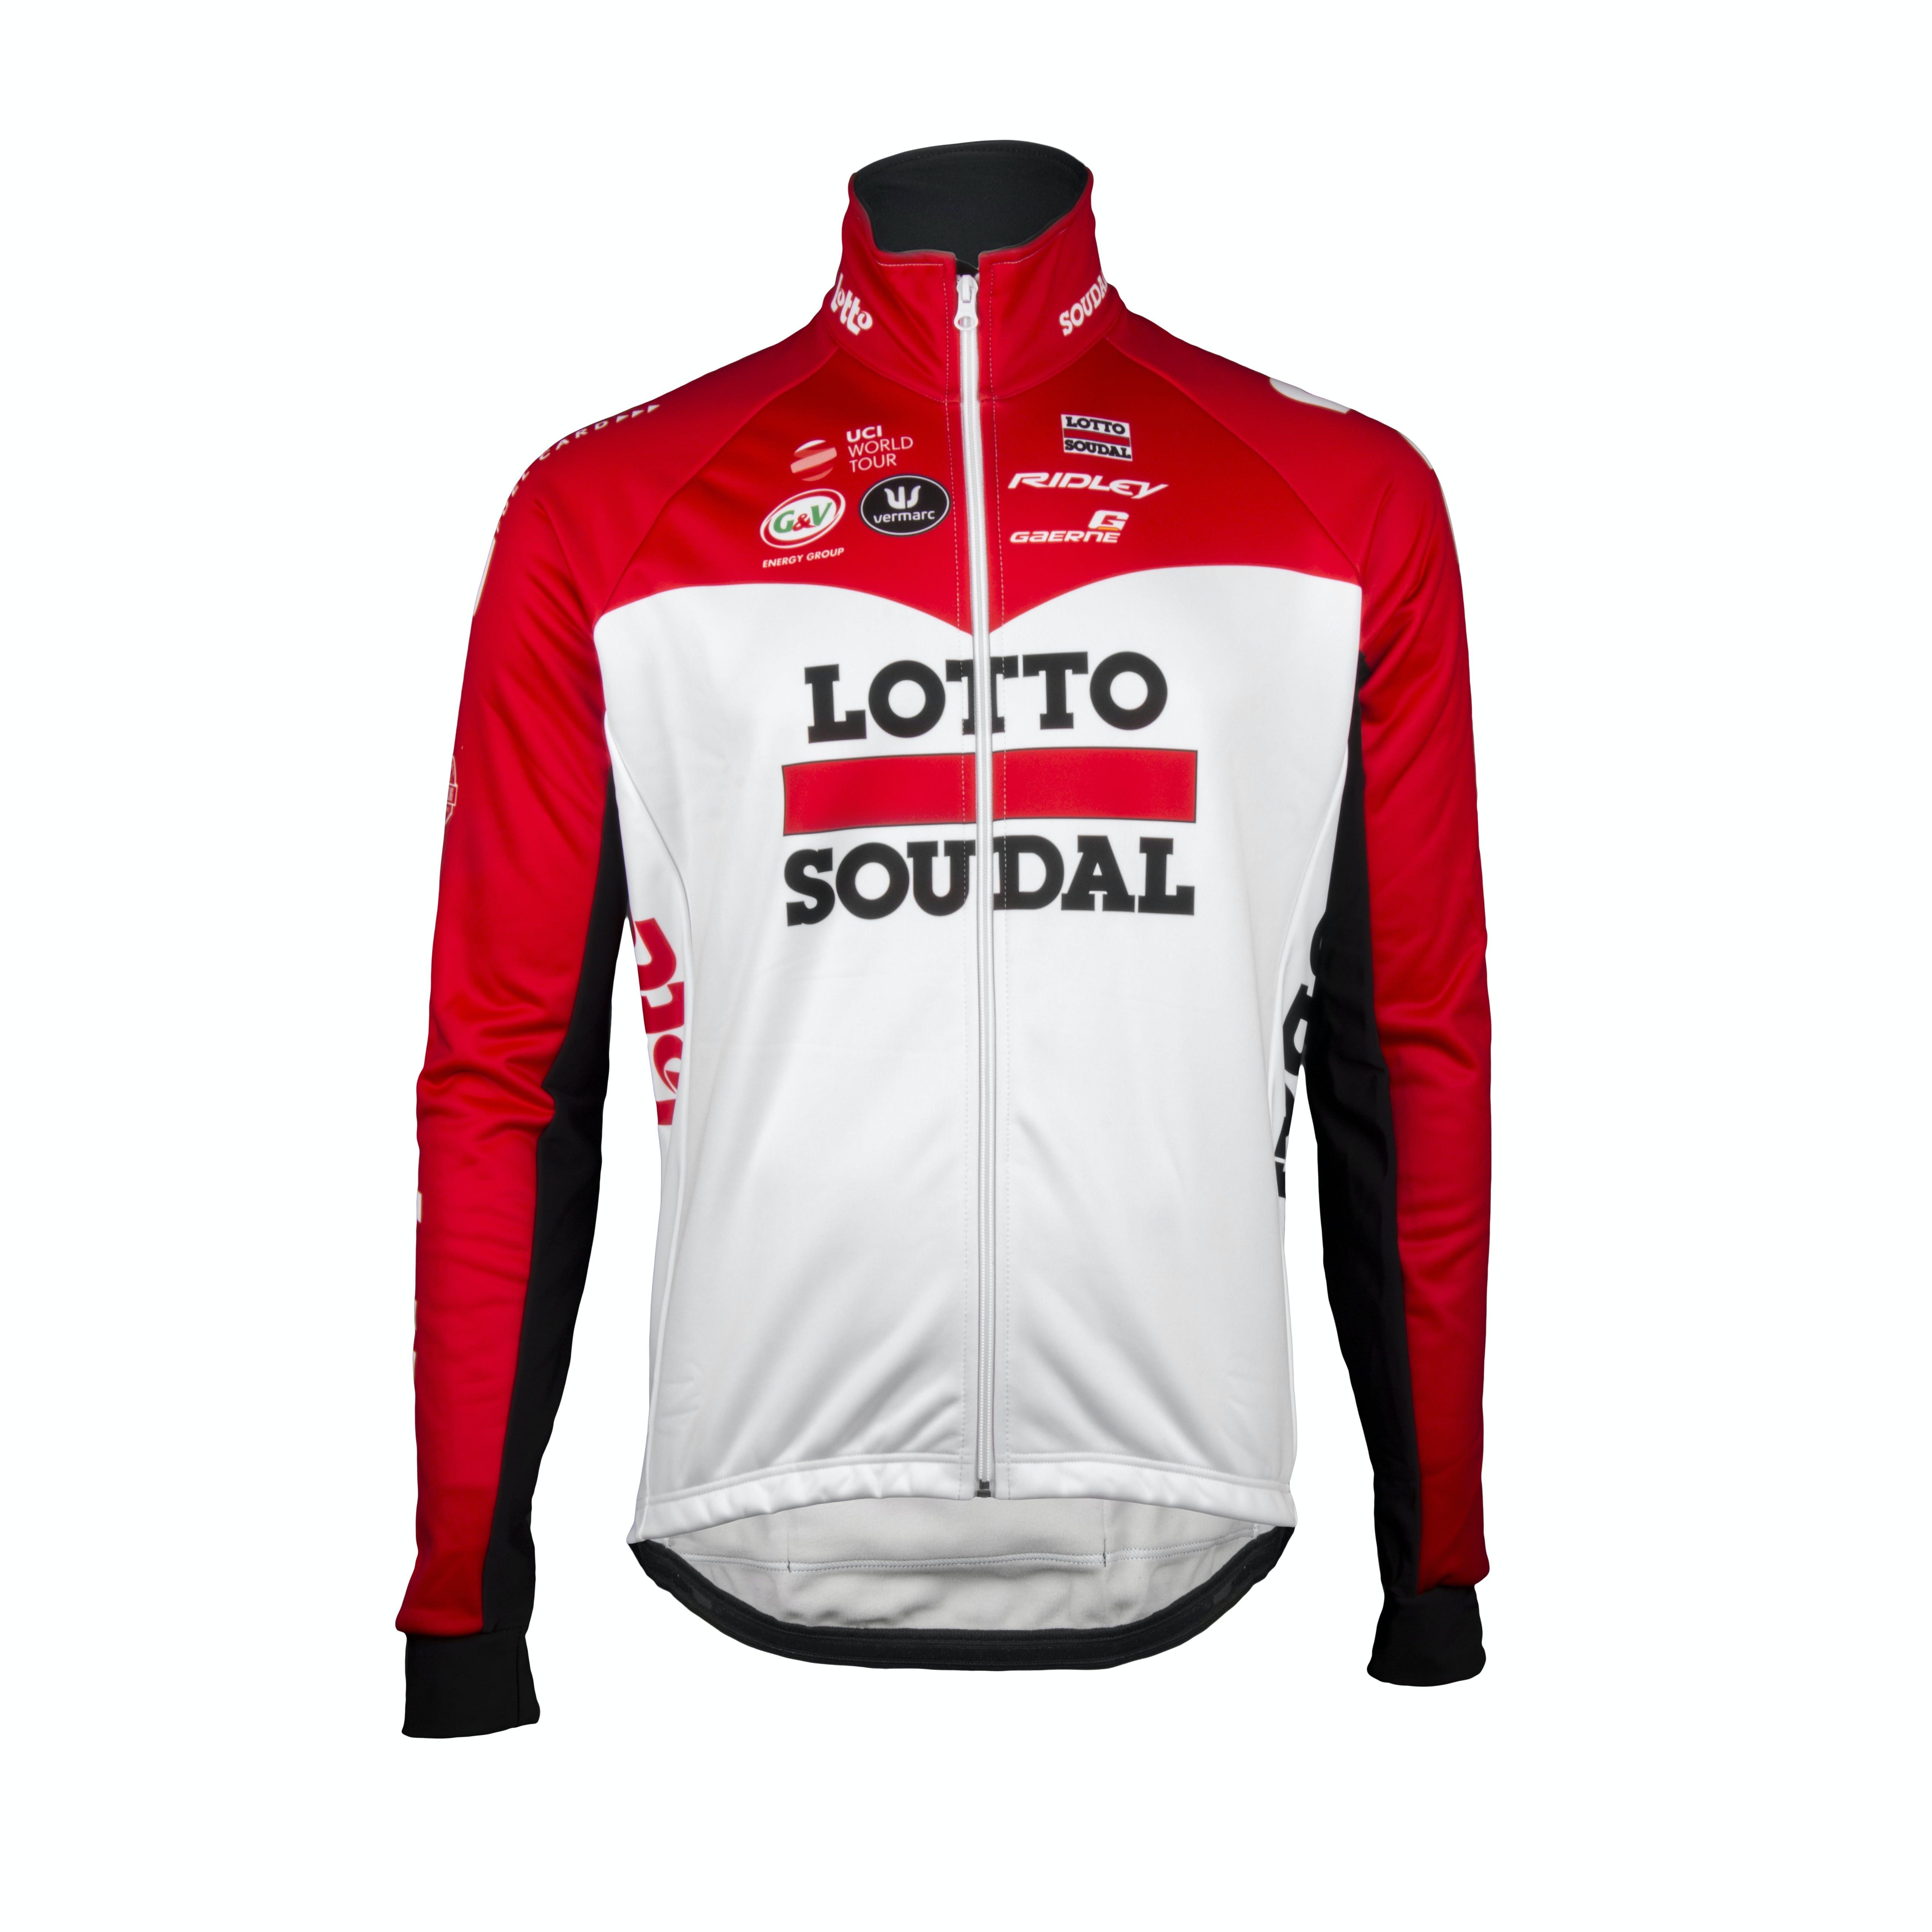 Lotto Soudal 2018 Technical Vest